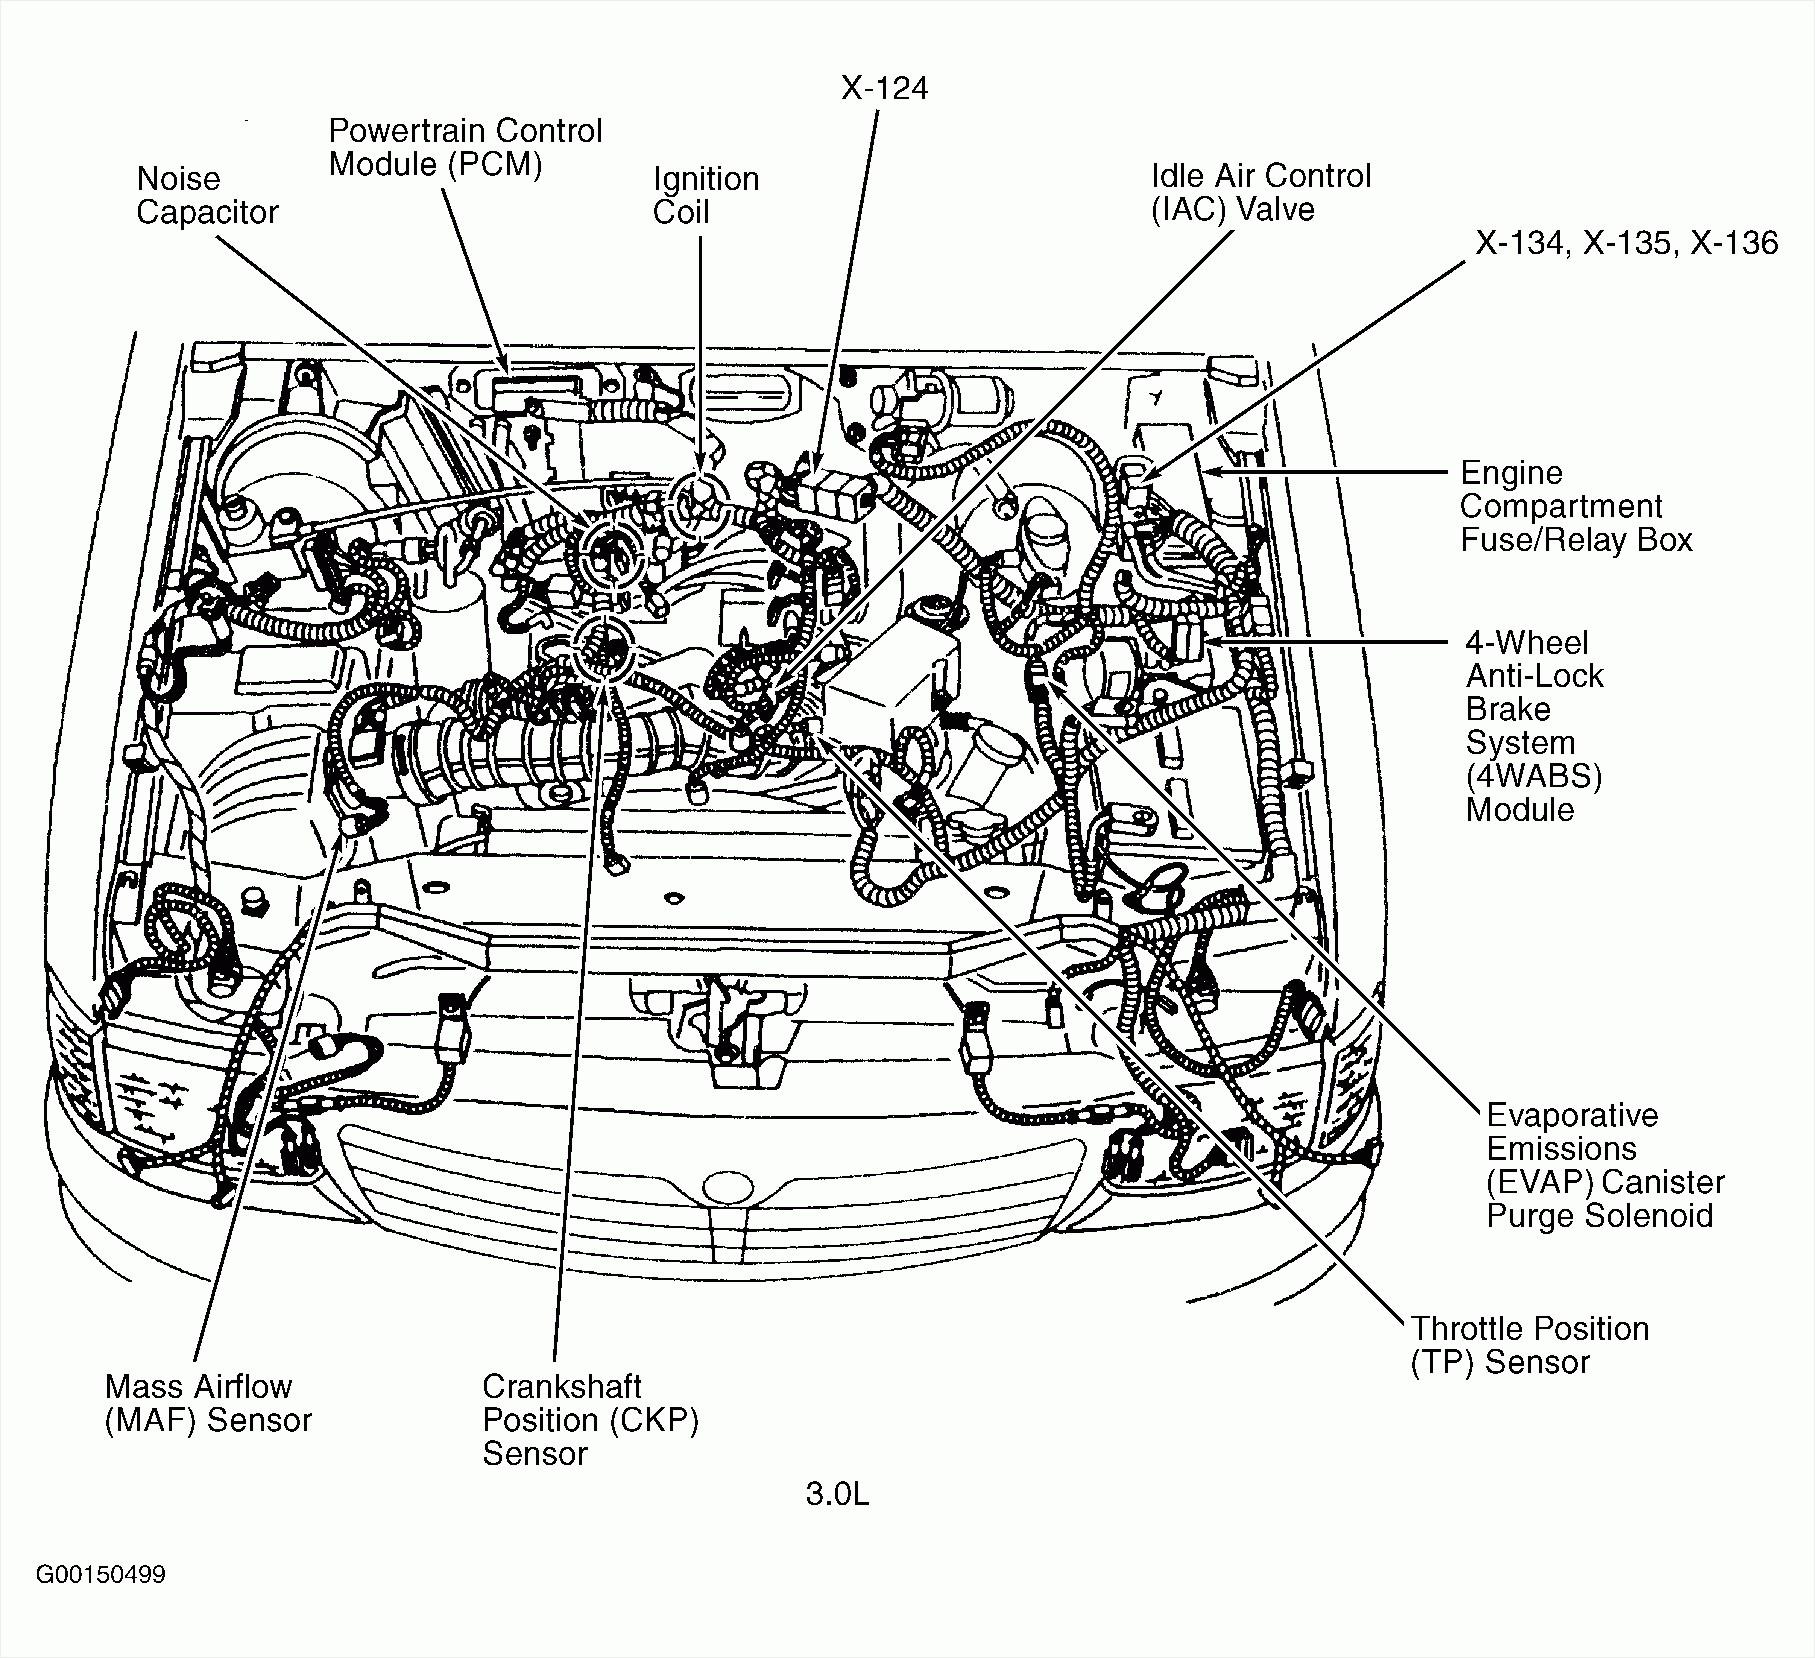 2009 Mazda Cx 7 Fuse Box Diagram: Mazda 5 Engine Diagram